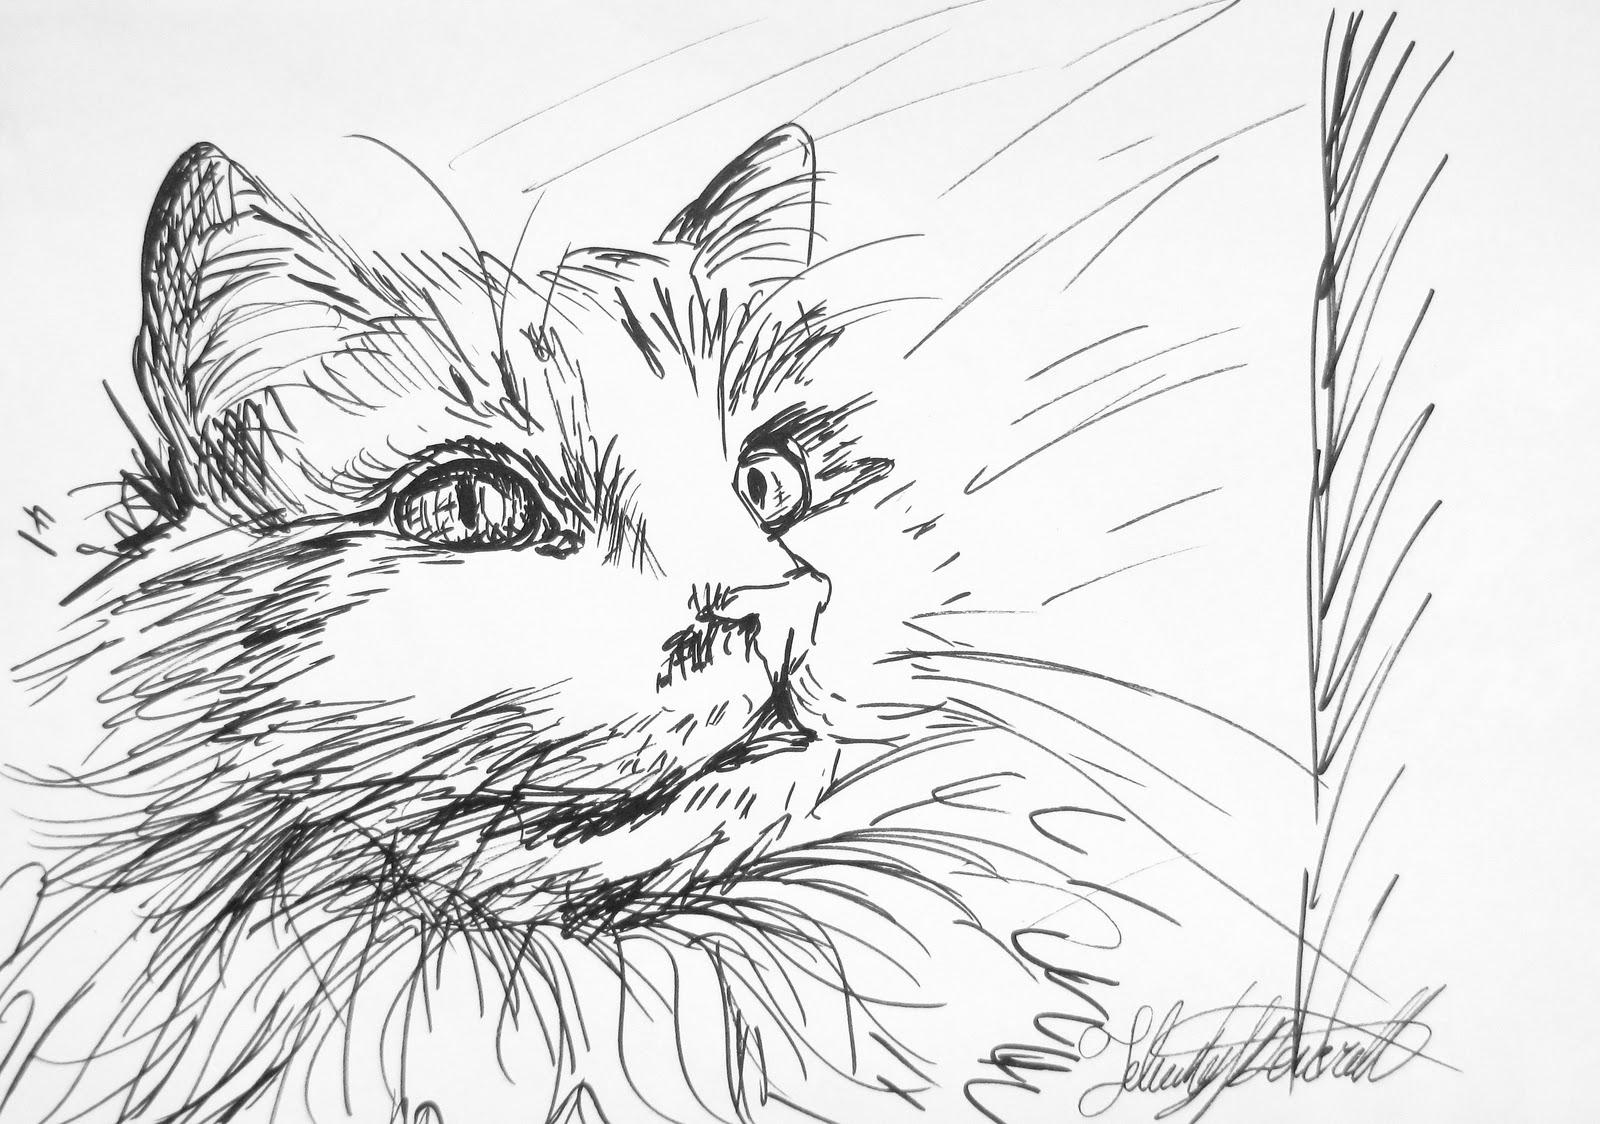 Felicity Deverell: Ink Pen Sketches #41- 44